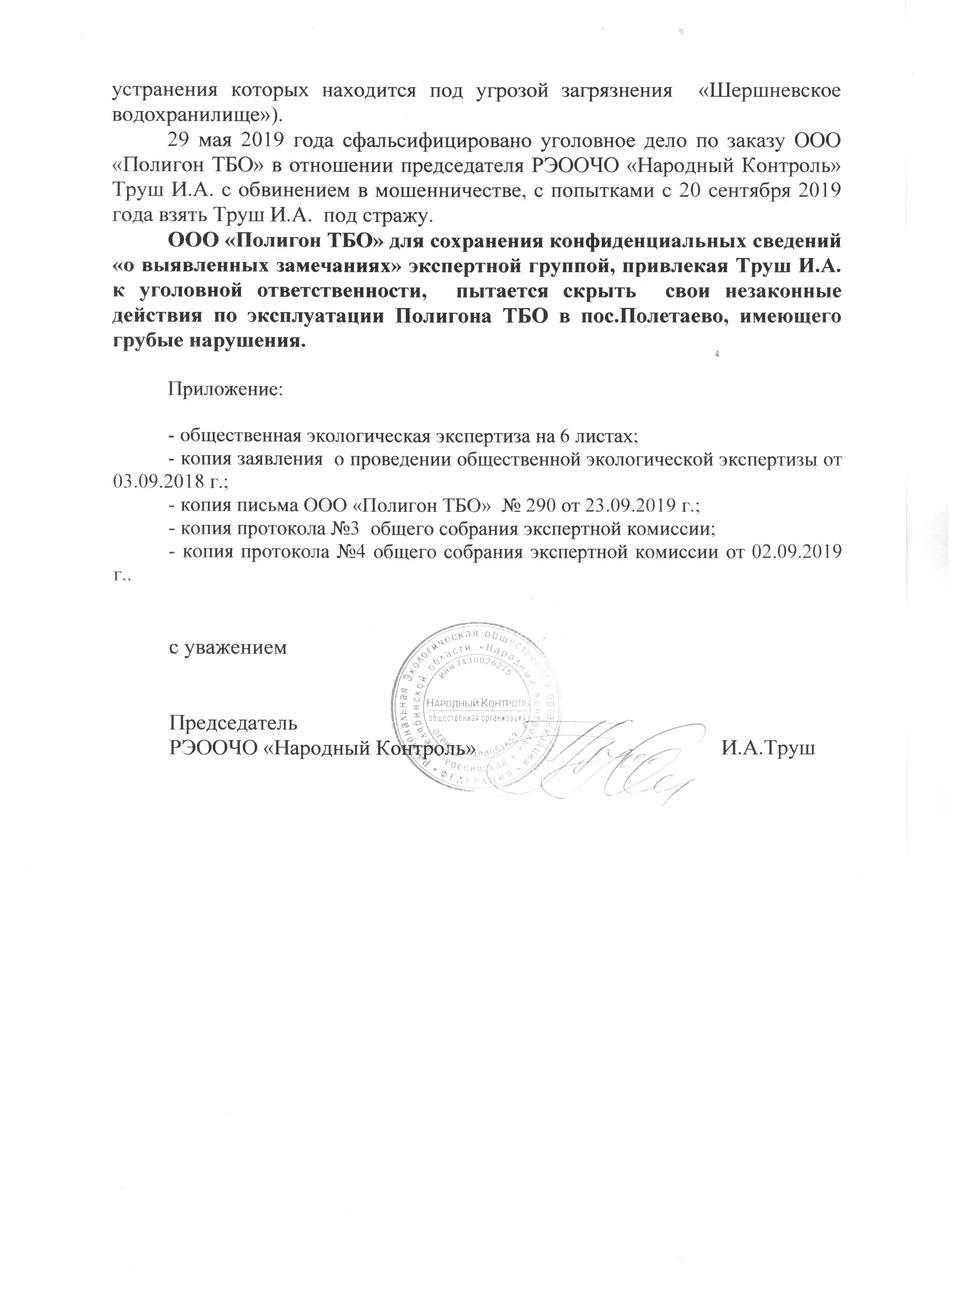 «Грета Тунберг была права»: челябинских экологов запугивают, чтобы они молчали про полигон 4